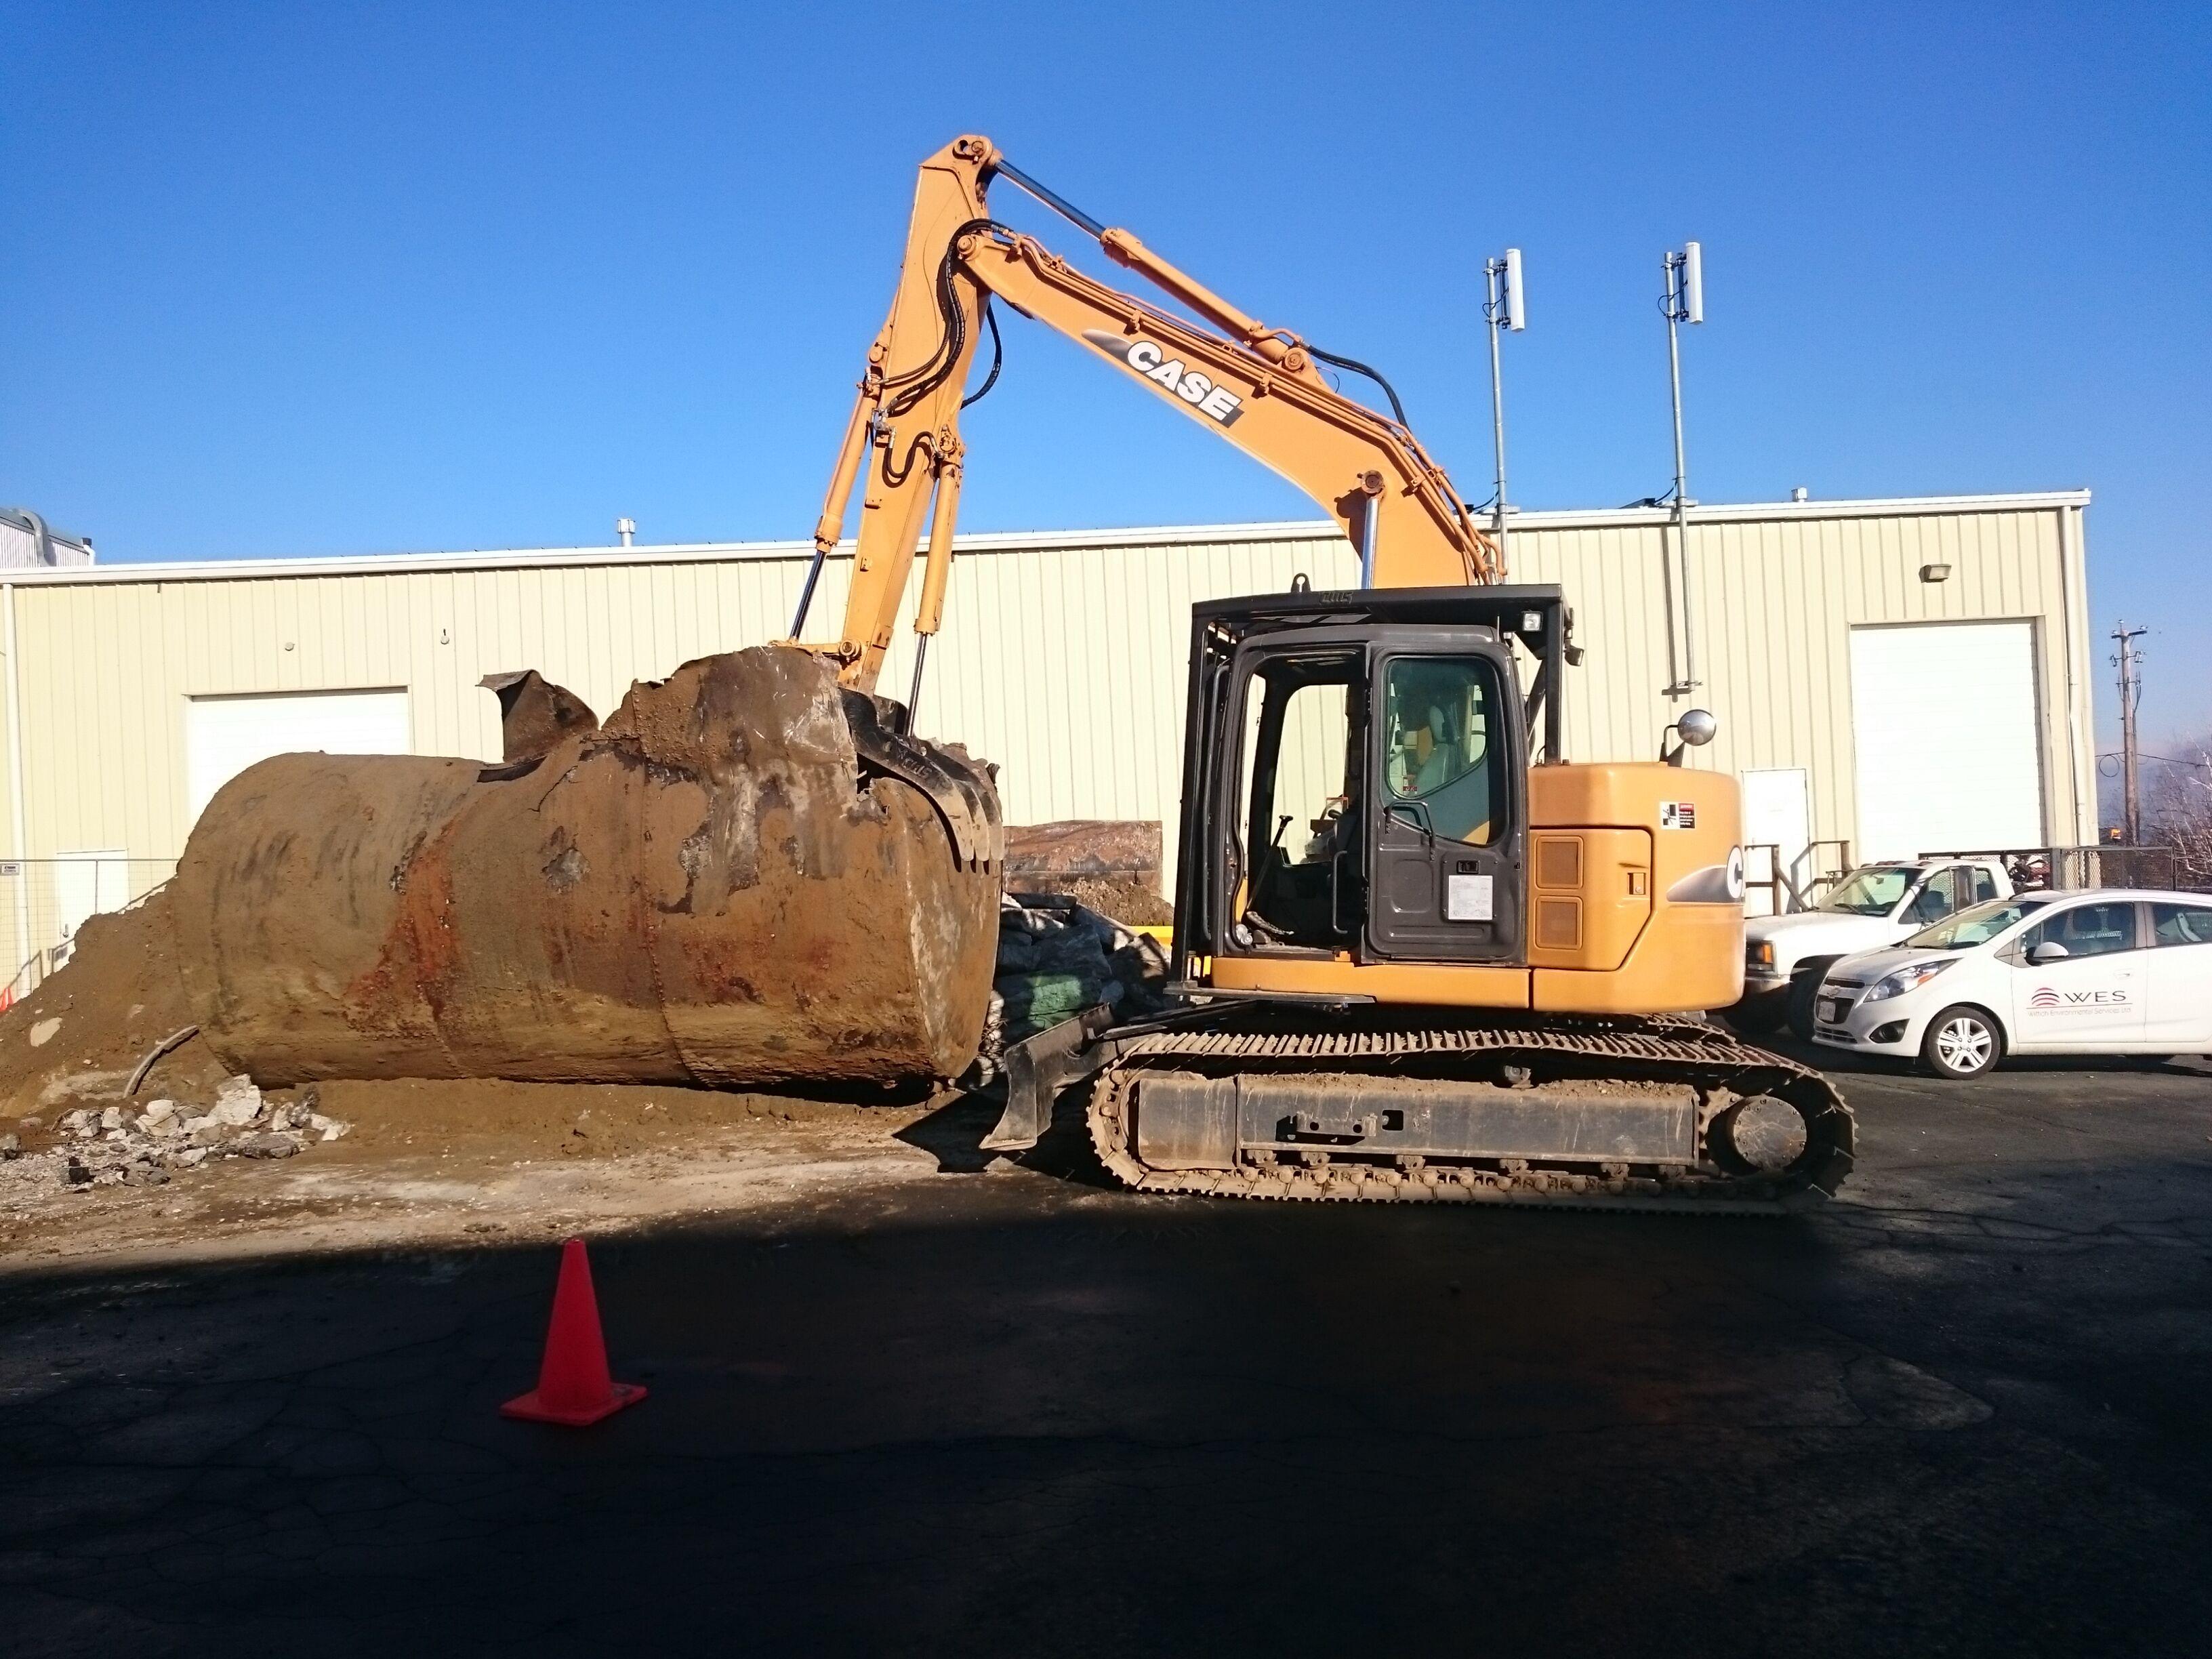 Case CX135sr Excavator